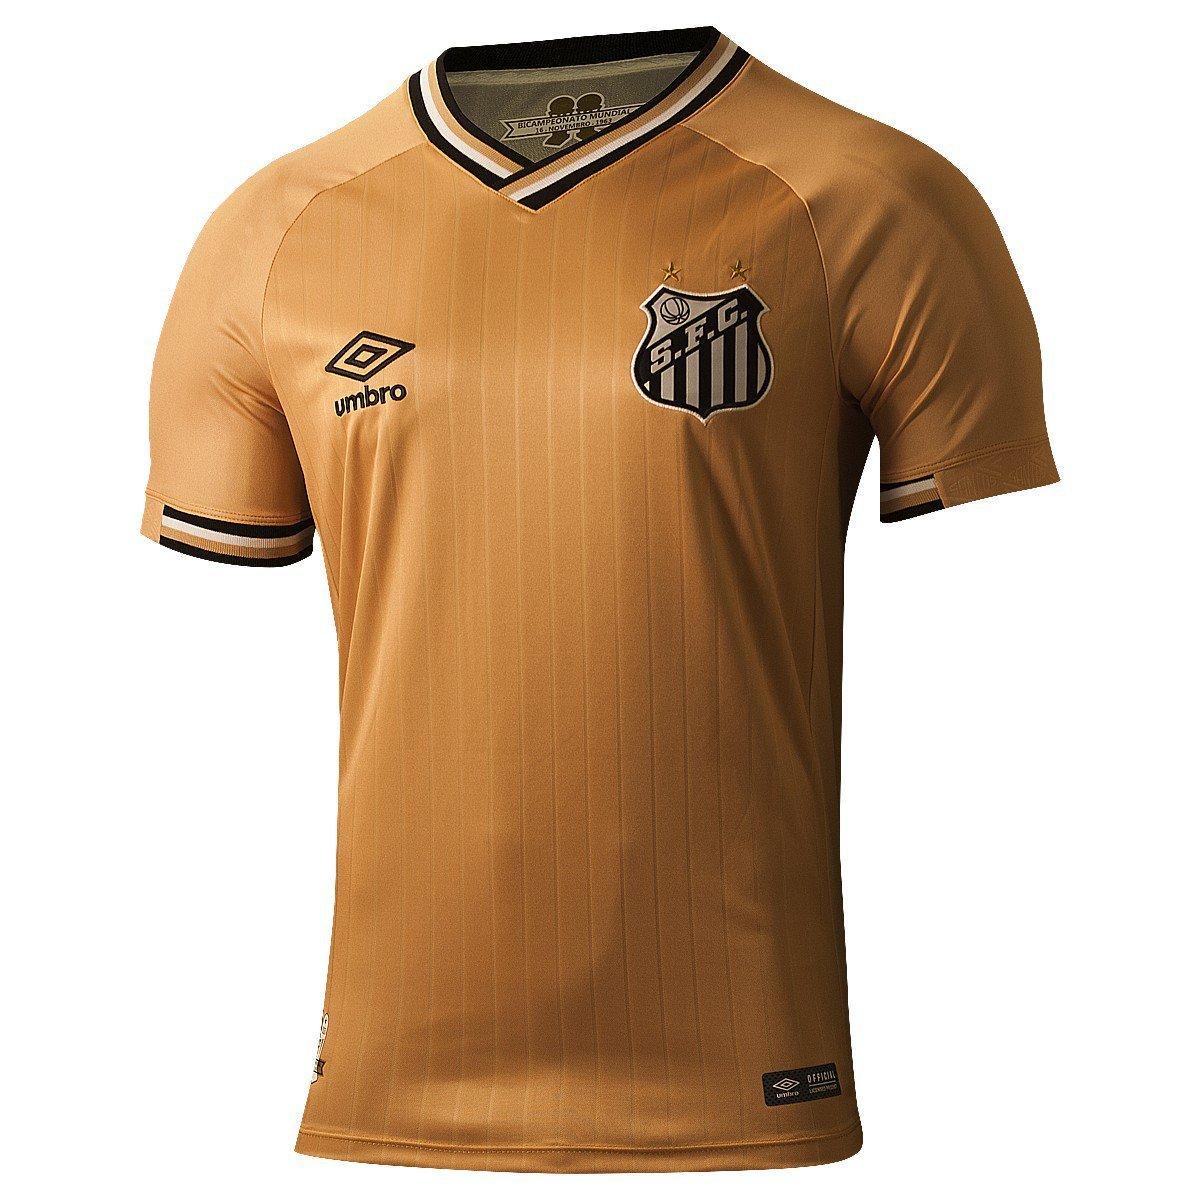 As novidades são a cor dourada predominante e o fim dos detalhes rosas nas camisas  femininas. A princípio c7ddb574a14b6